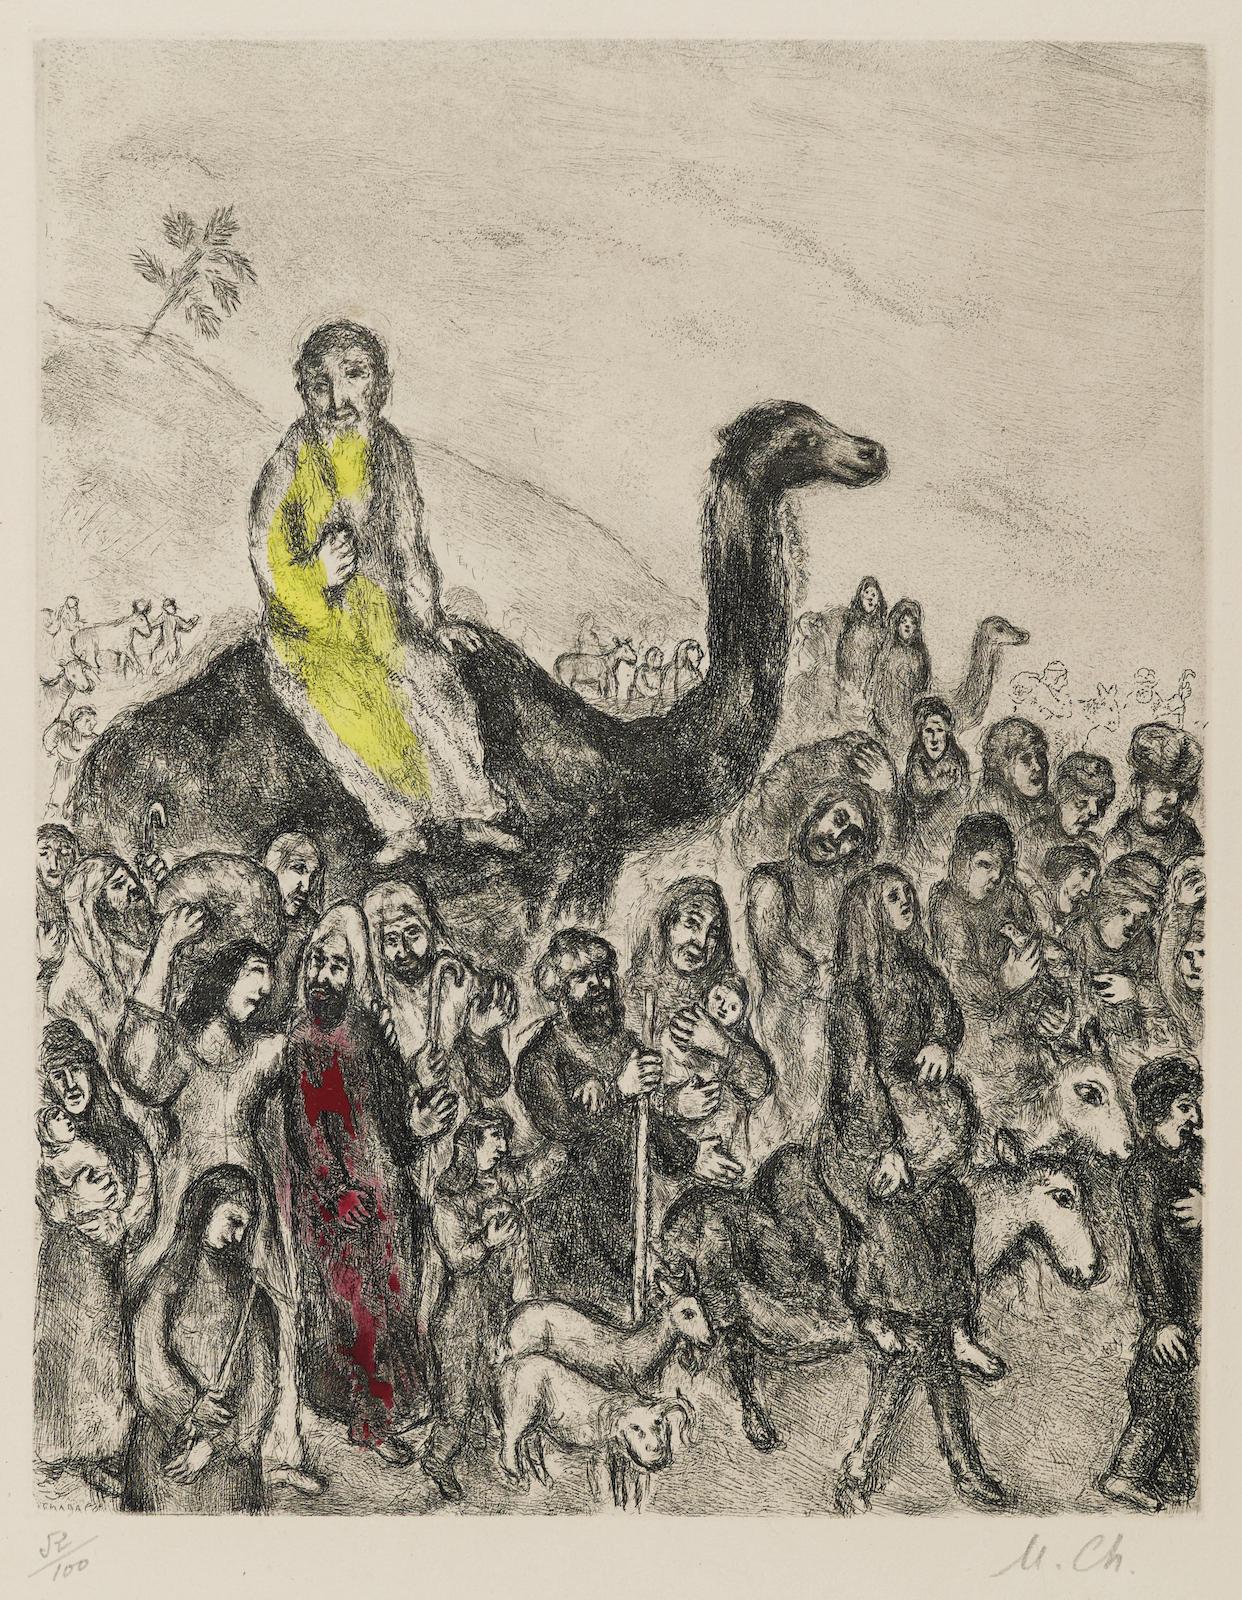 Marc Chagall-Départ de Jacob pour l'Égypte, pl. 22, from La Bible (V. 221; C. bk. 30)-1939